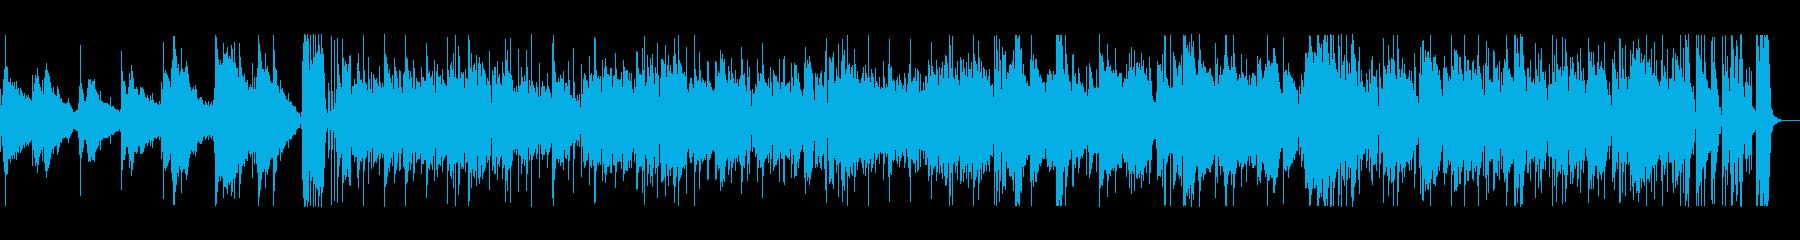 映画に最適な情熱的な曲の再生済みの波形